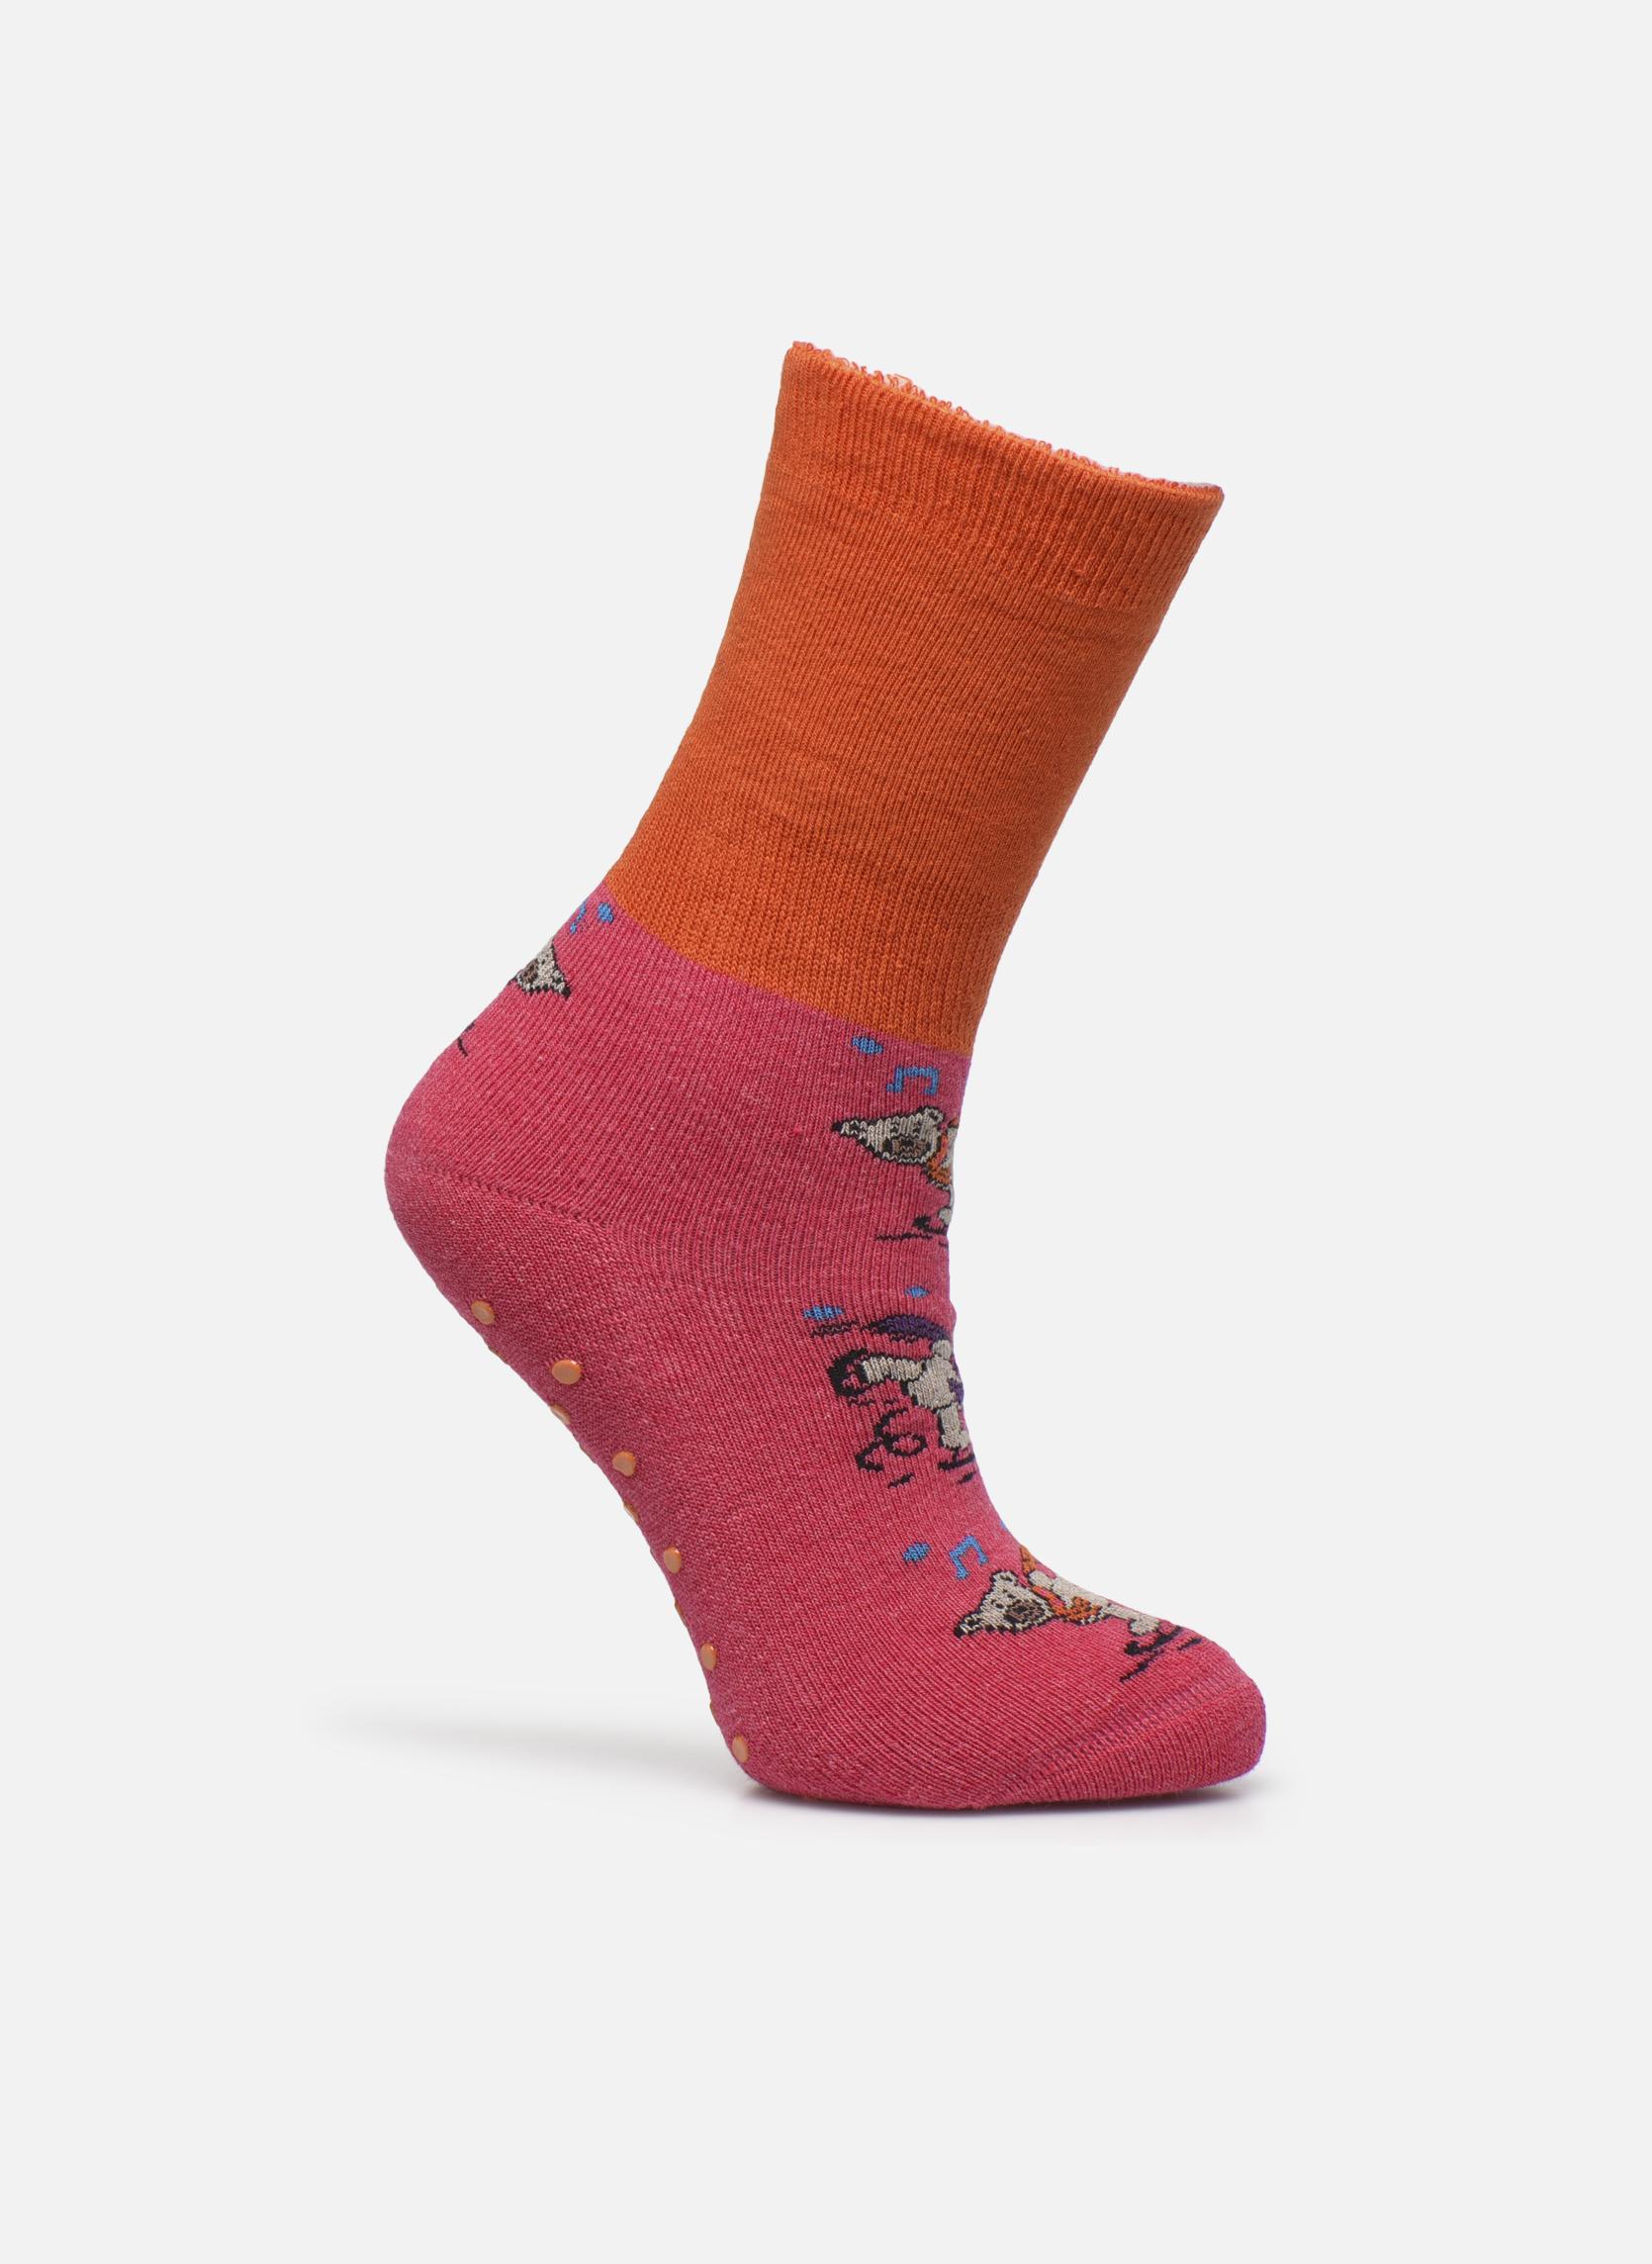 Chaussettes et collants Accessoires Chaussons-chaussettes Enfant Coton Anti-dérapants Ours